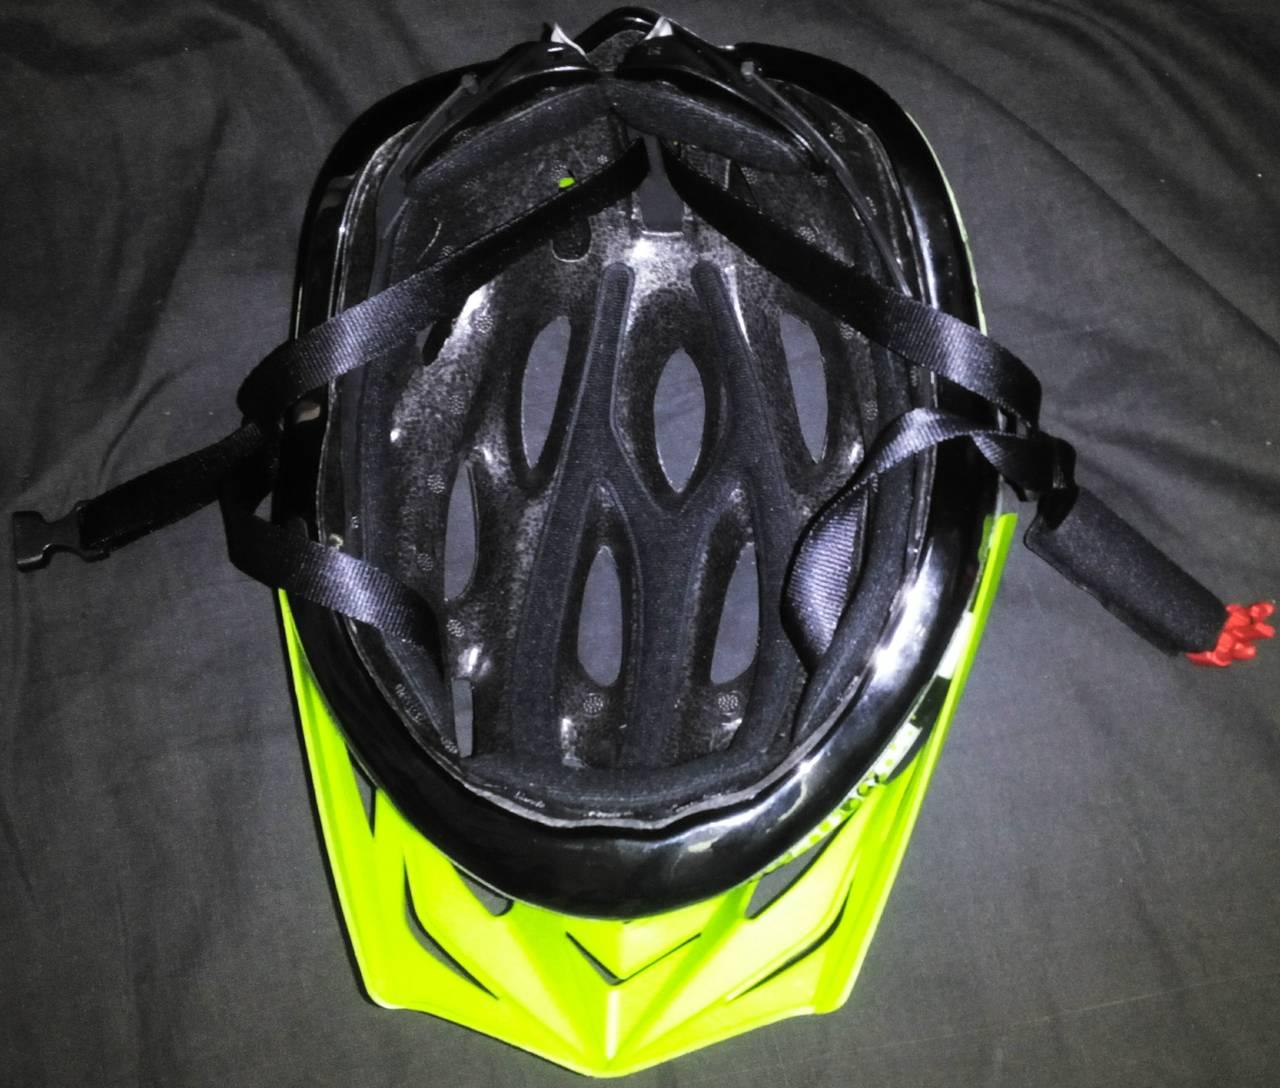 casco de bici marca ges  - Foto 6